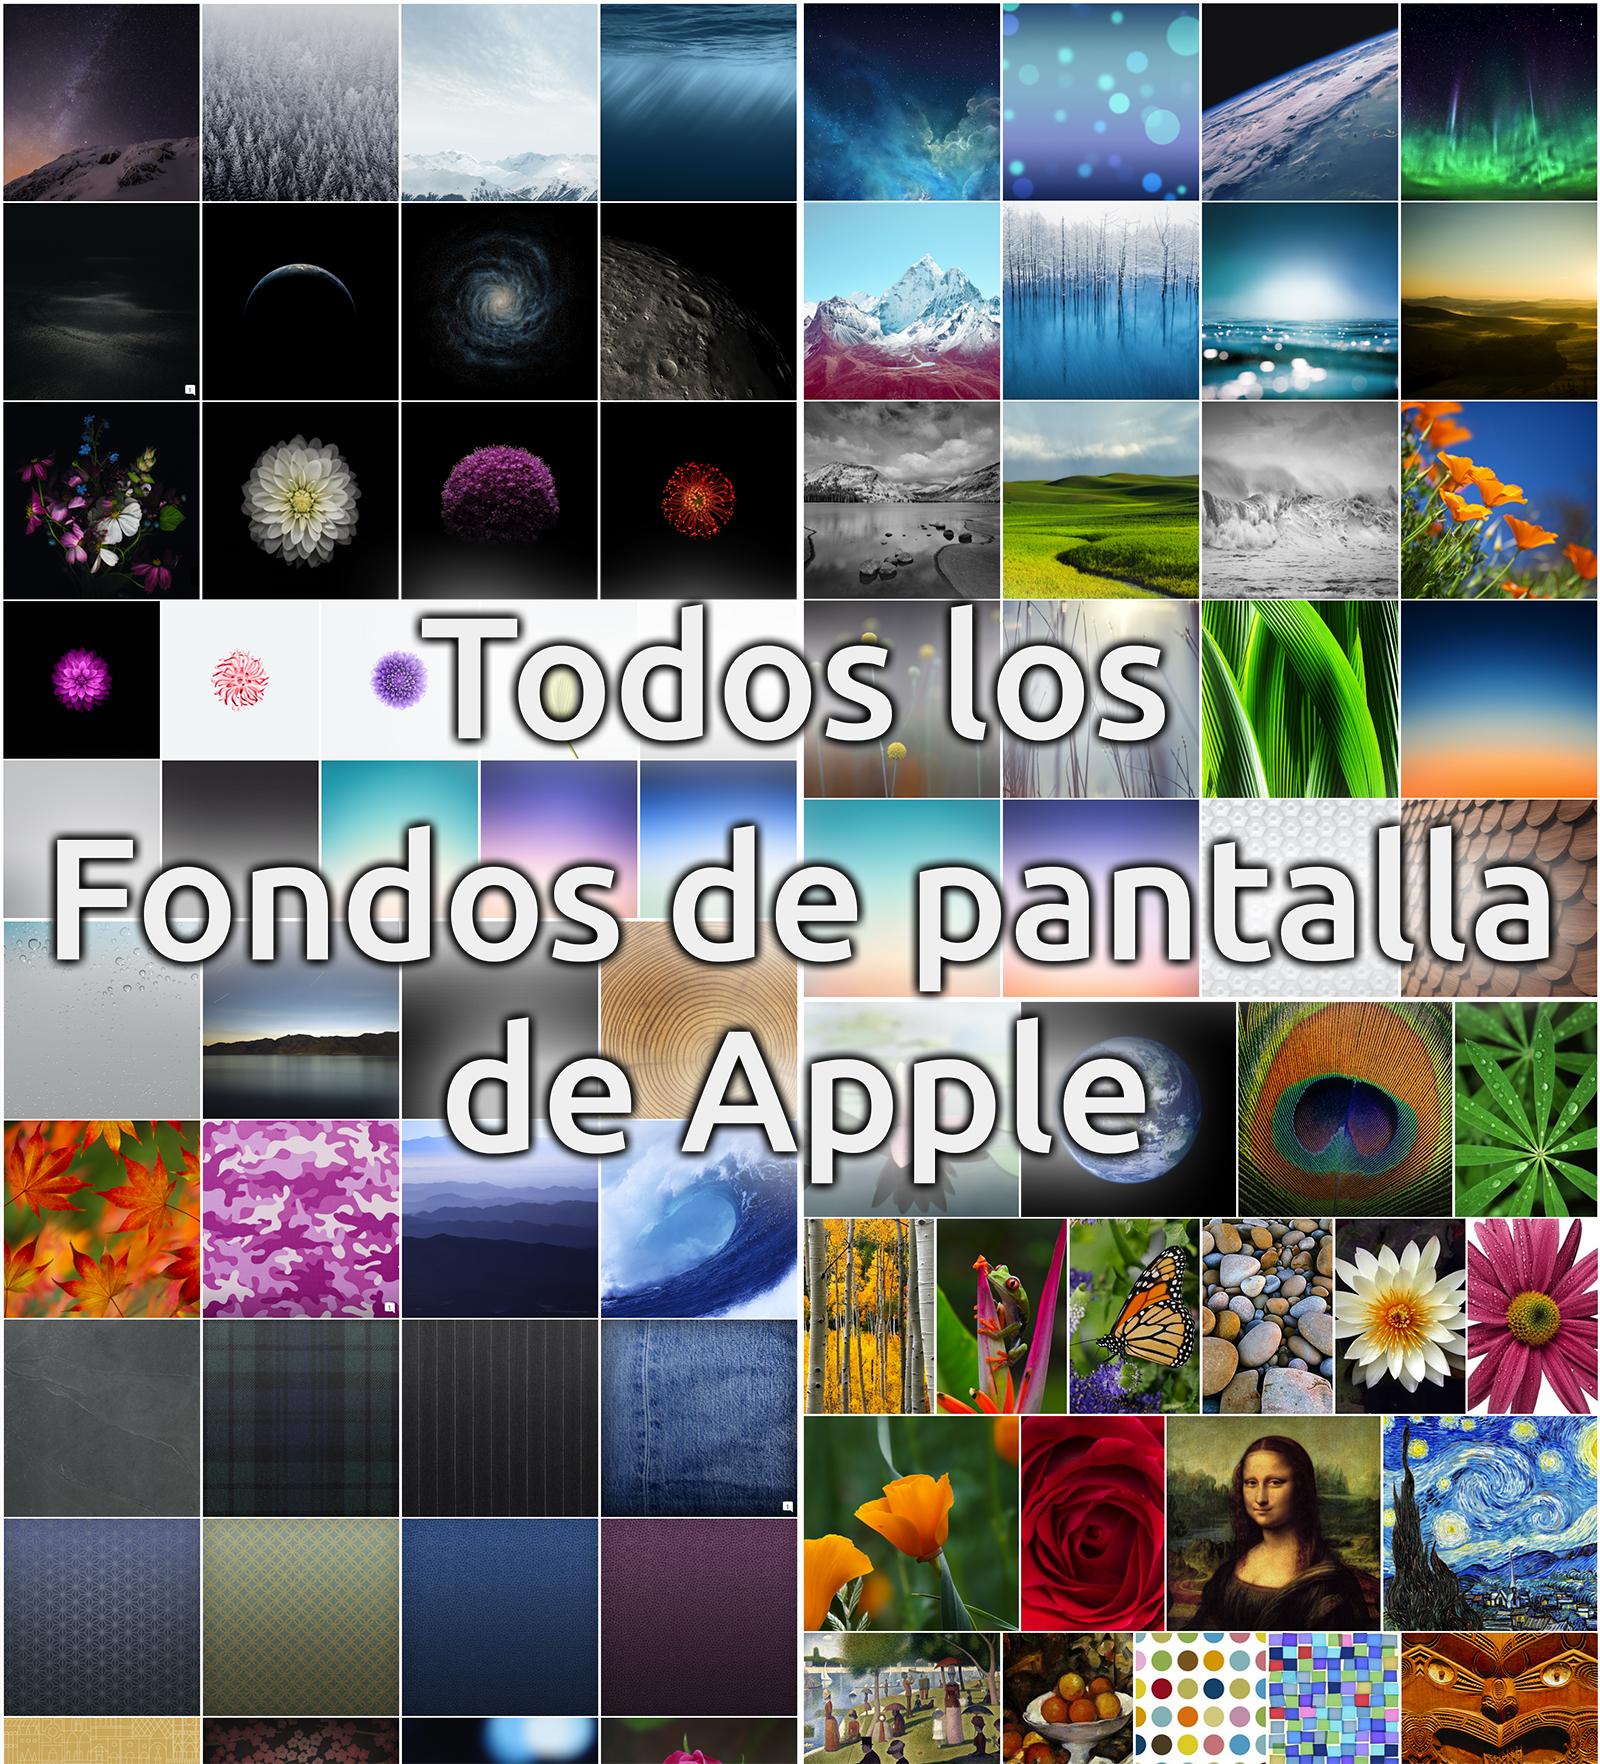 Todos los fondos de pantalla de Apple